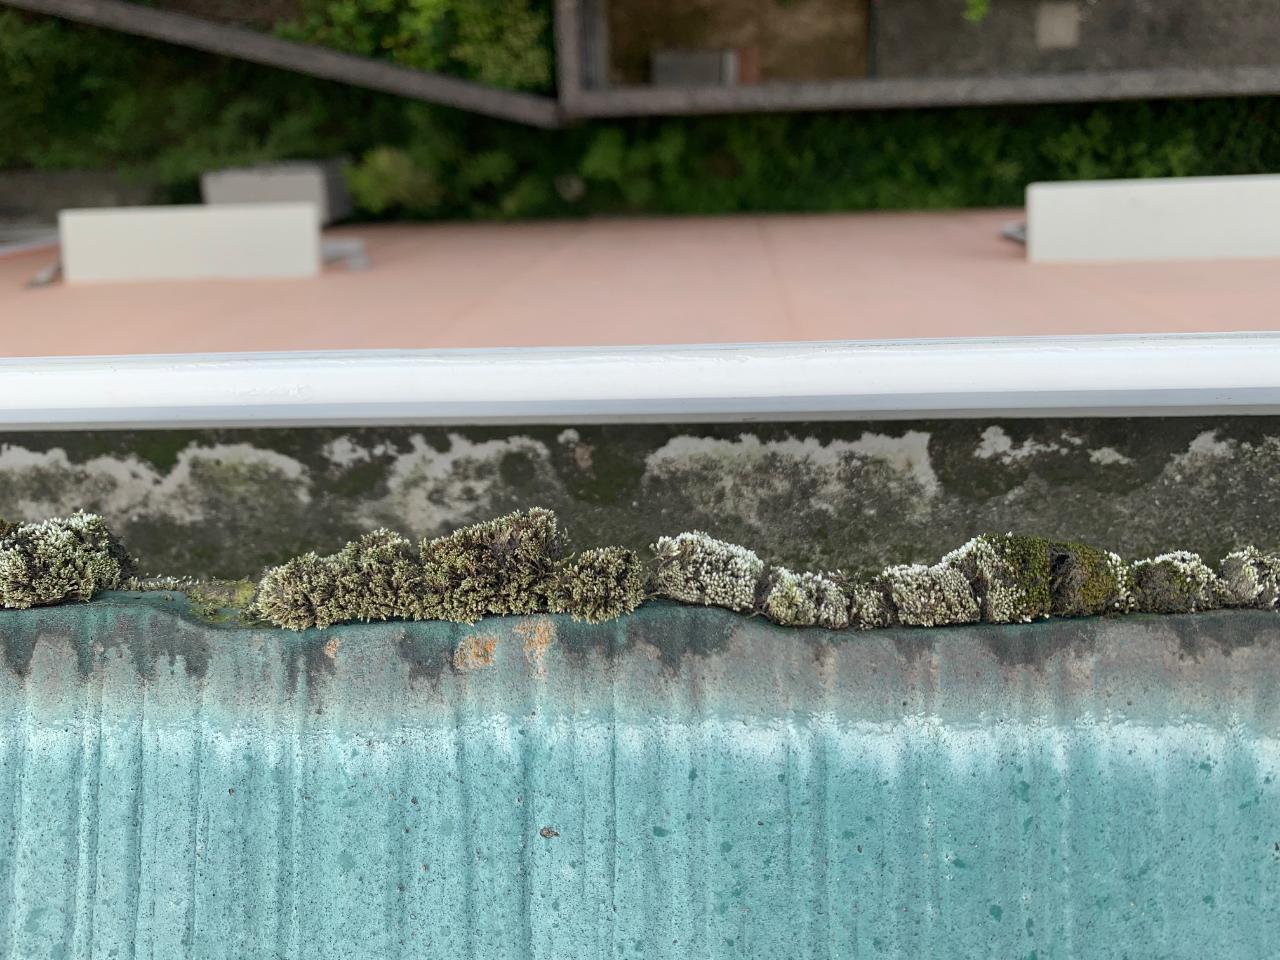 苔が繁殖しているスレート屋根の様子